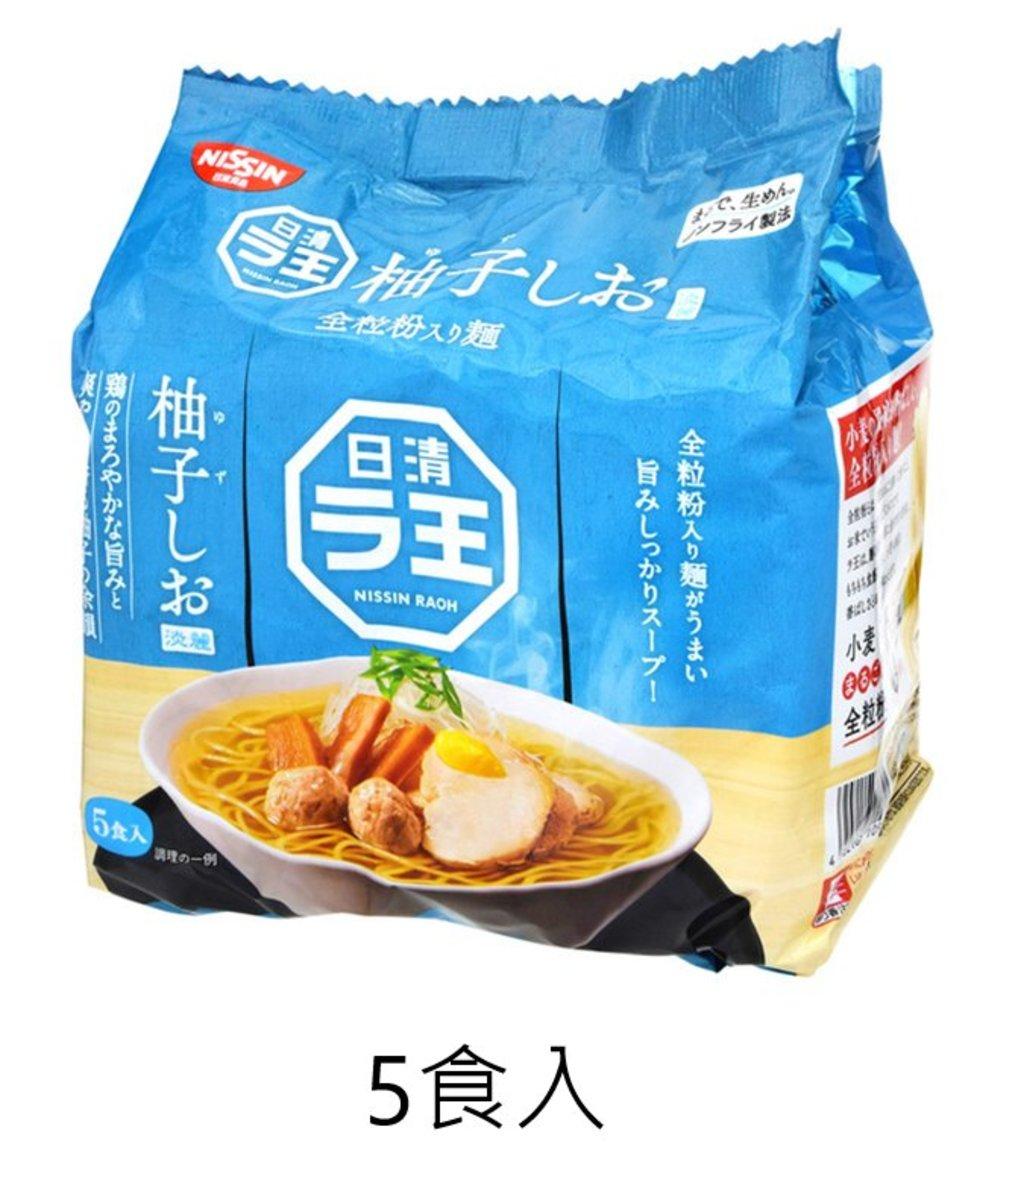 (5食) 日本日清之王 柚子鹽味拉麵 (5食入) x 1包